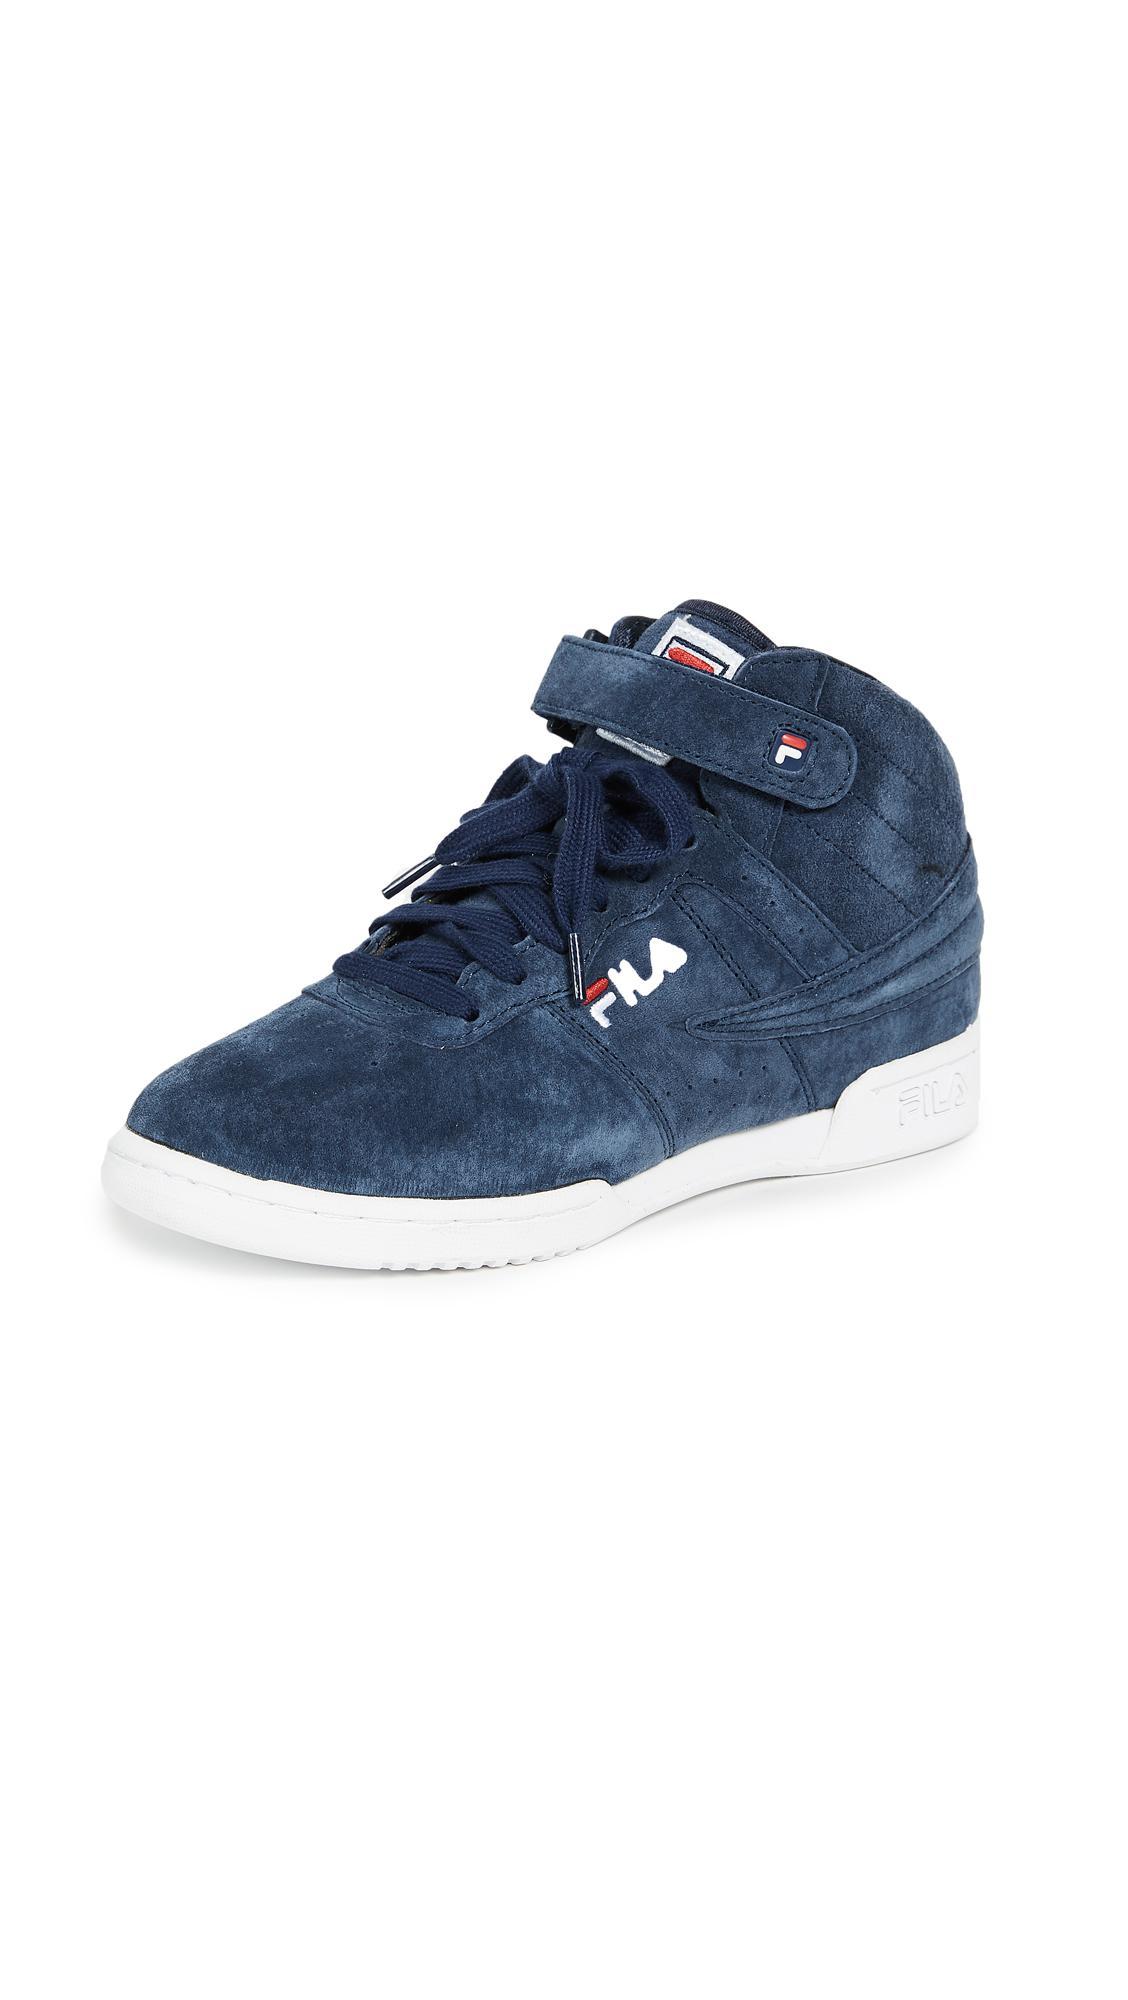 Fila Suede F-13 Sneakers in Blue